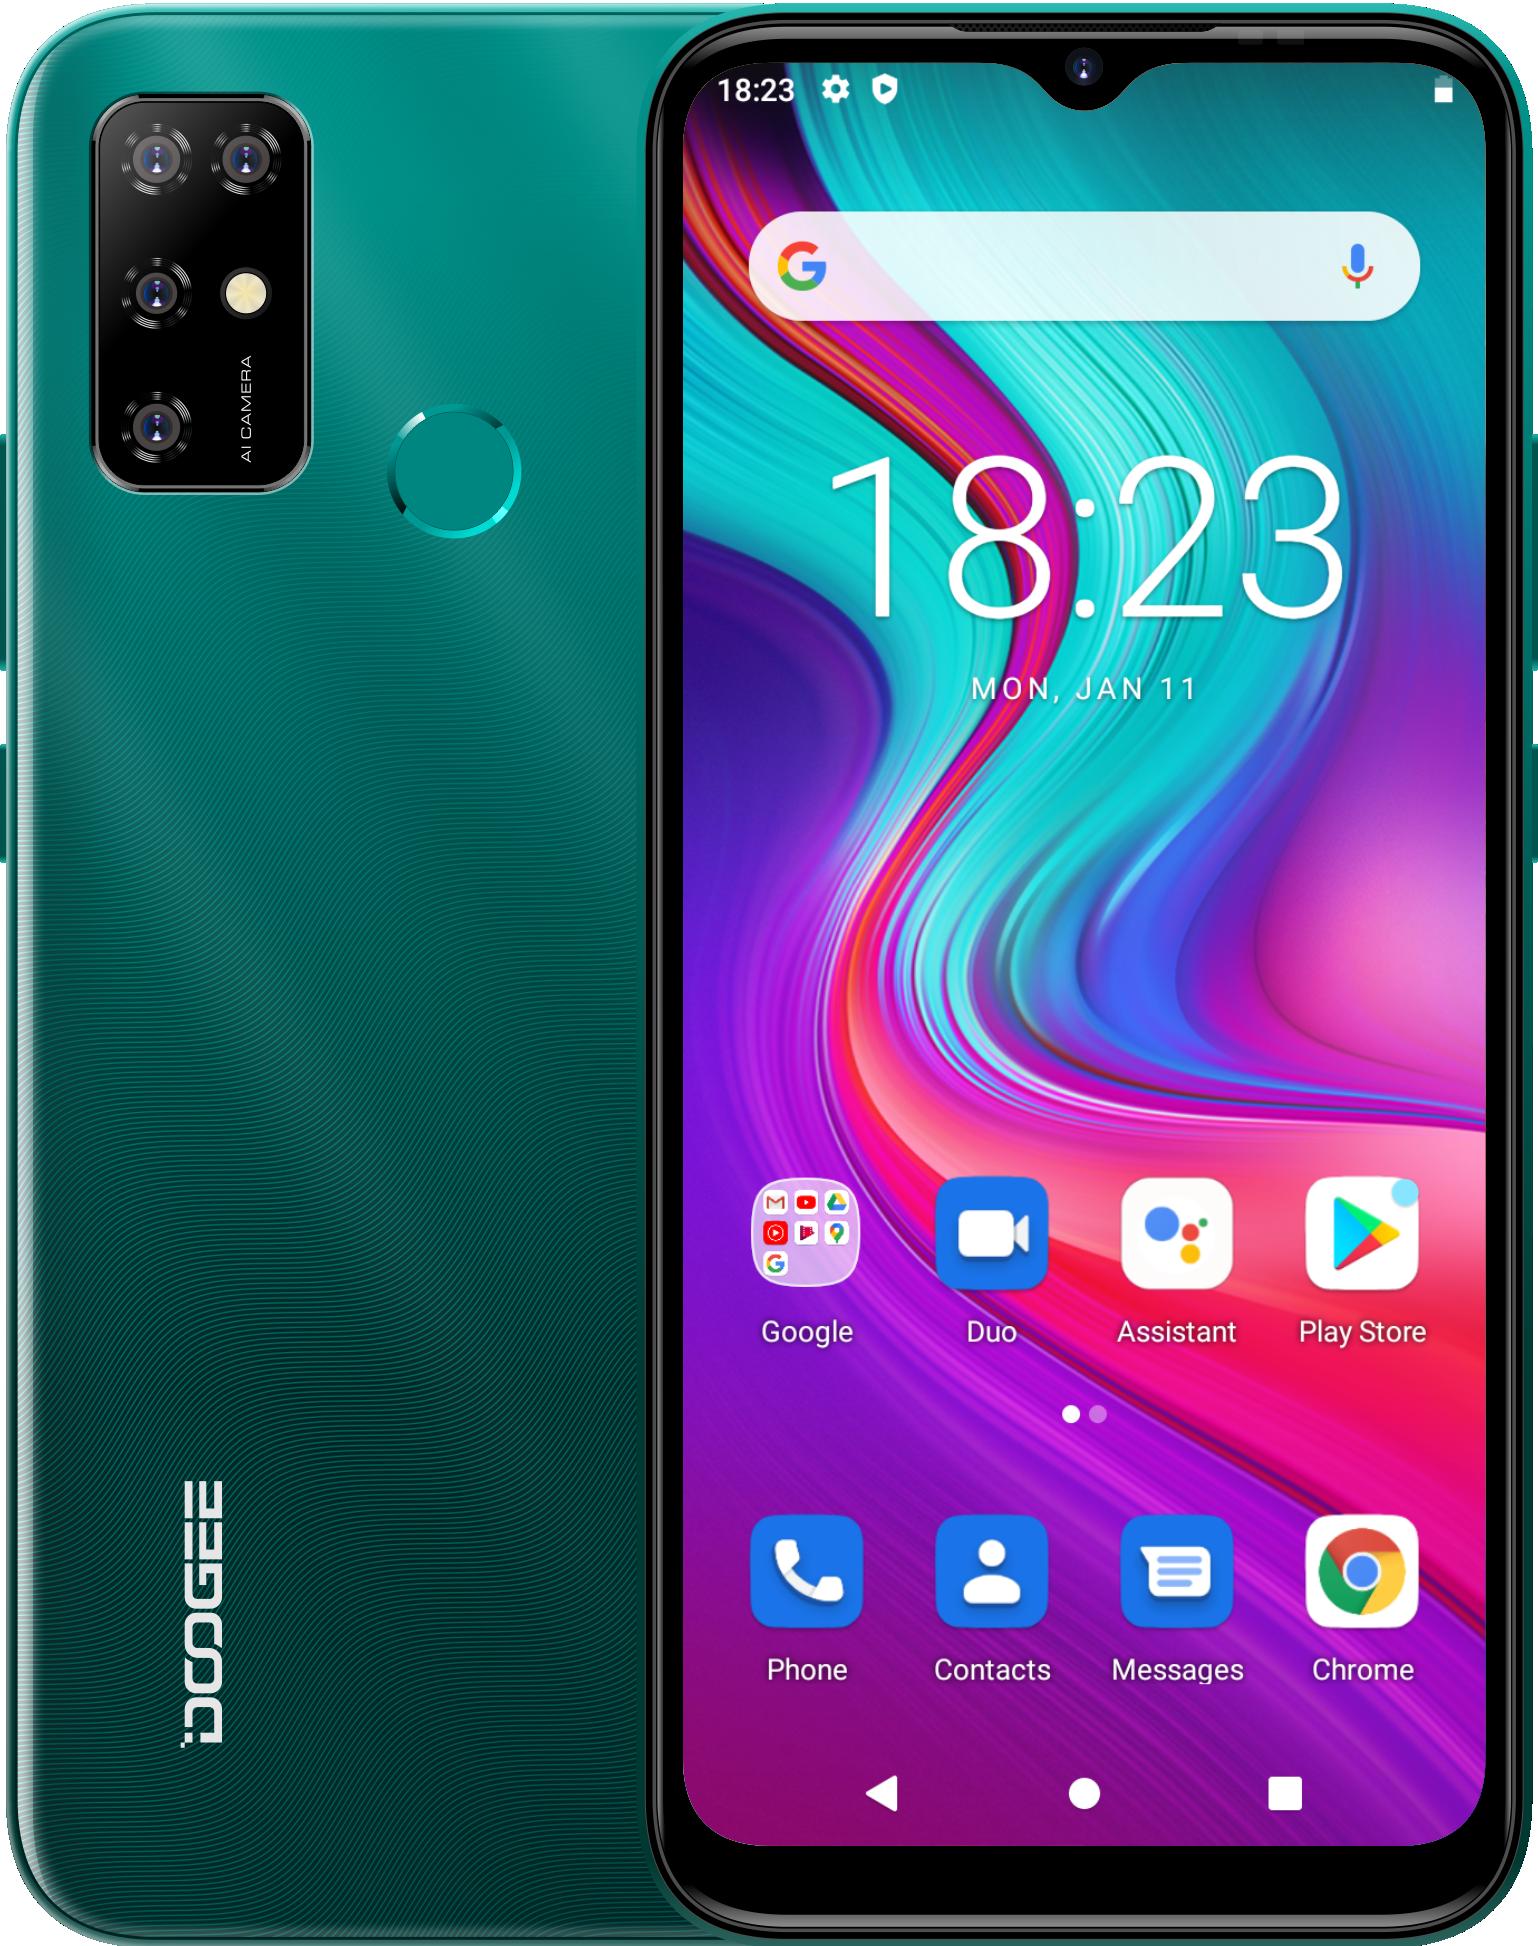 Перейти на Алиэкспресс и купить Android 11 смартфоны 4 ГБ ОЗУ 64 Гб ПЗУ Восьмиядерный сотовые телефоны 13 МП Quad Camera мобильный телефон 5400 мАч 2021 Новый DOOGEE X96 Pro